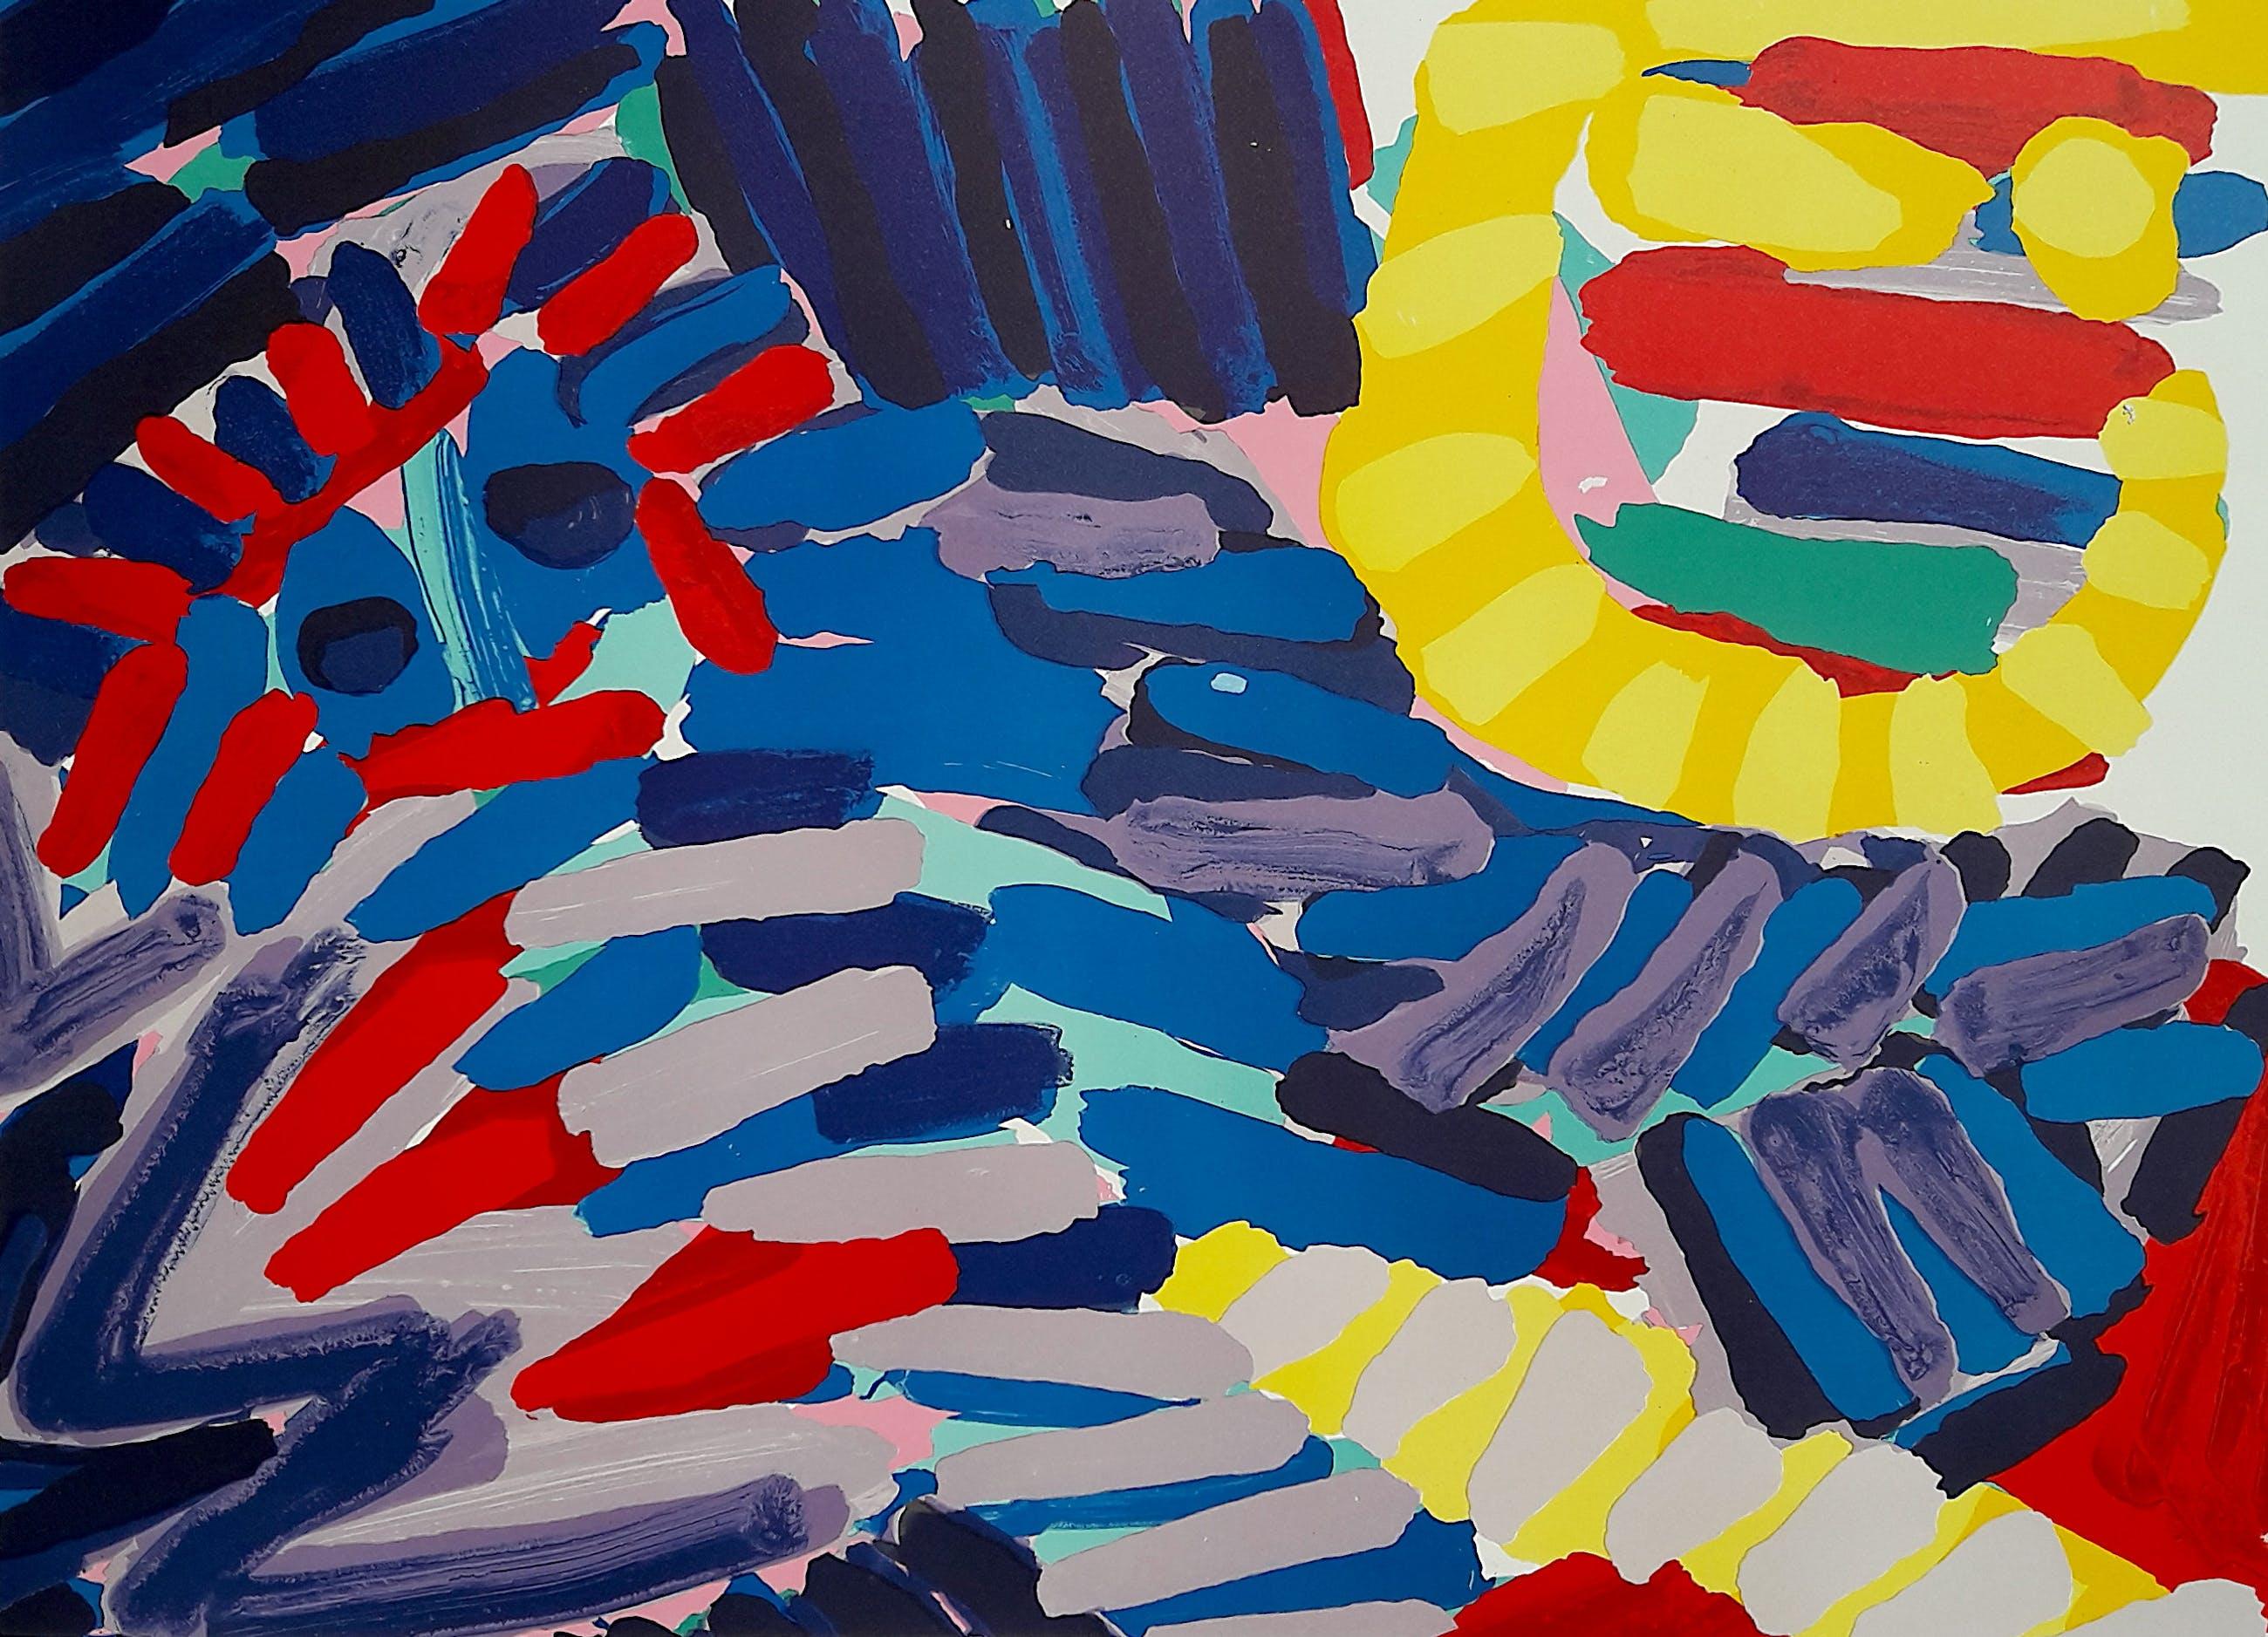 Karel Appel - Blue Animal with Sunshine Head, litho kopen? Bied vanaf 550!